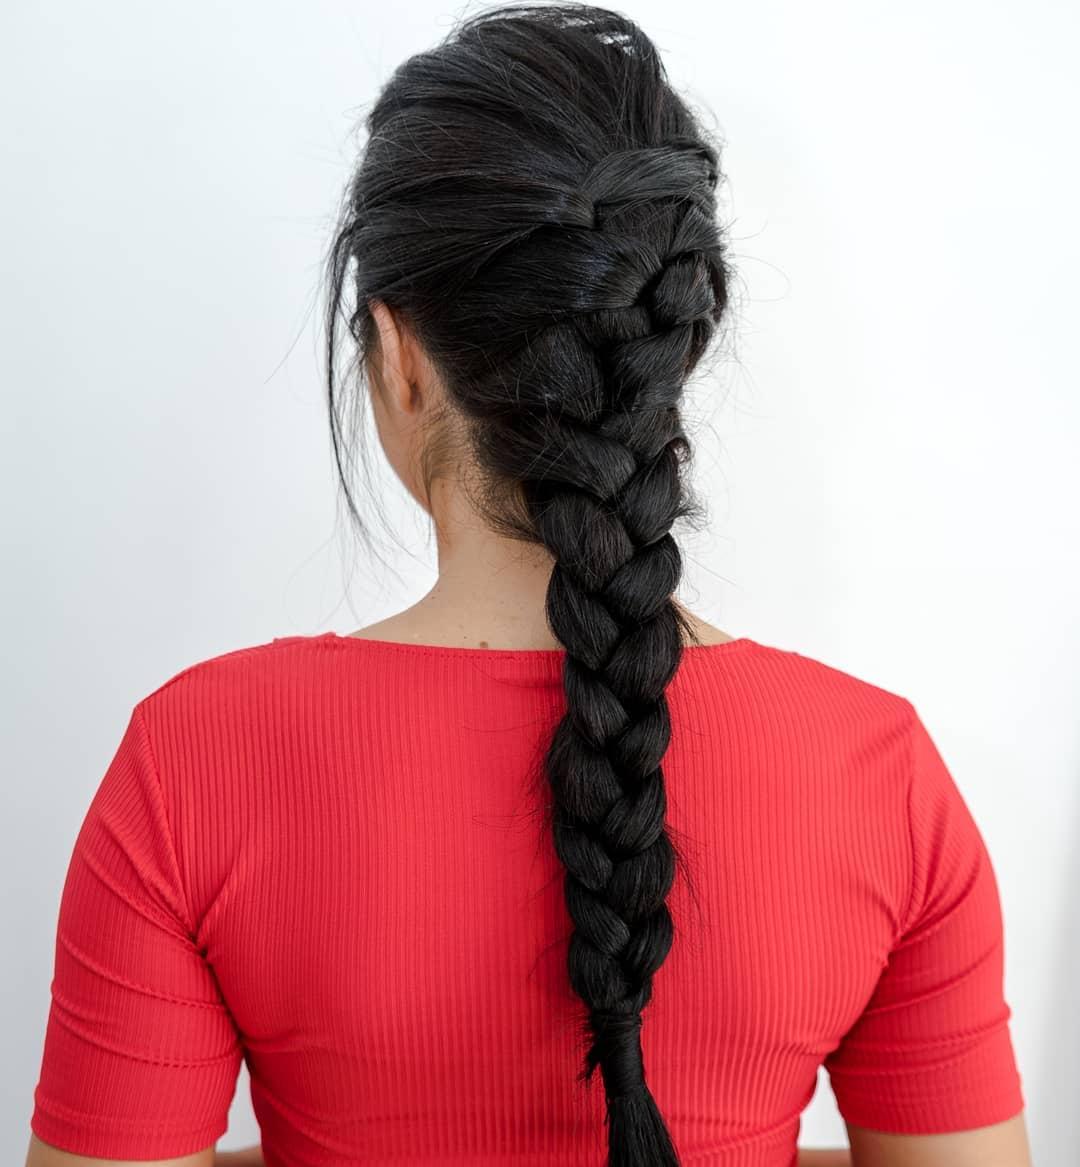 Tranças-de-cabelo-Penteados-trançados,-modernos,-fotos,-inspiração